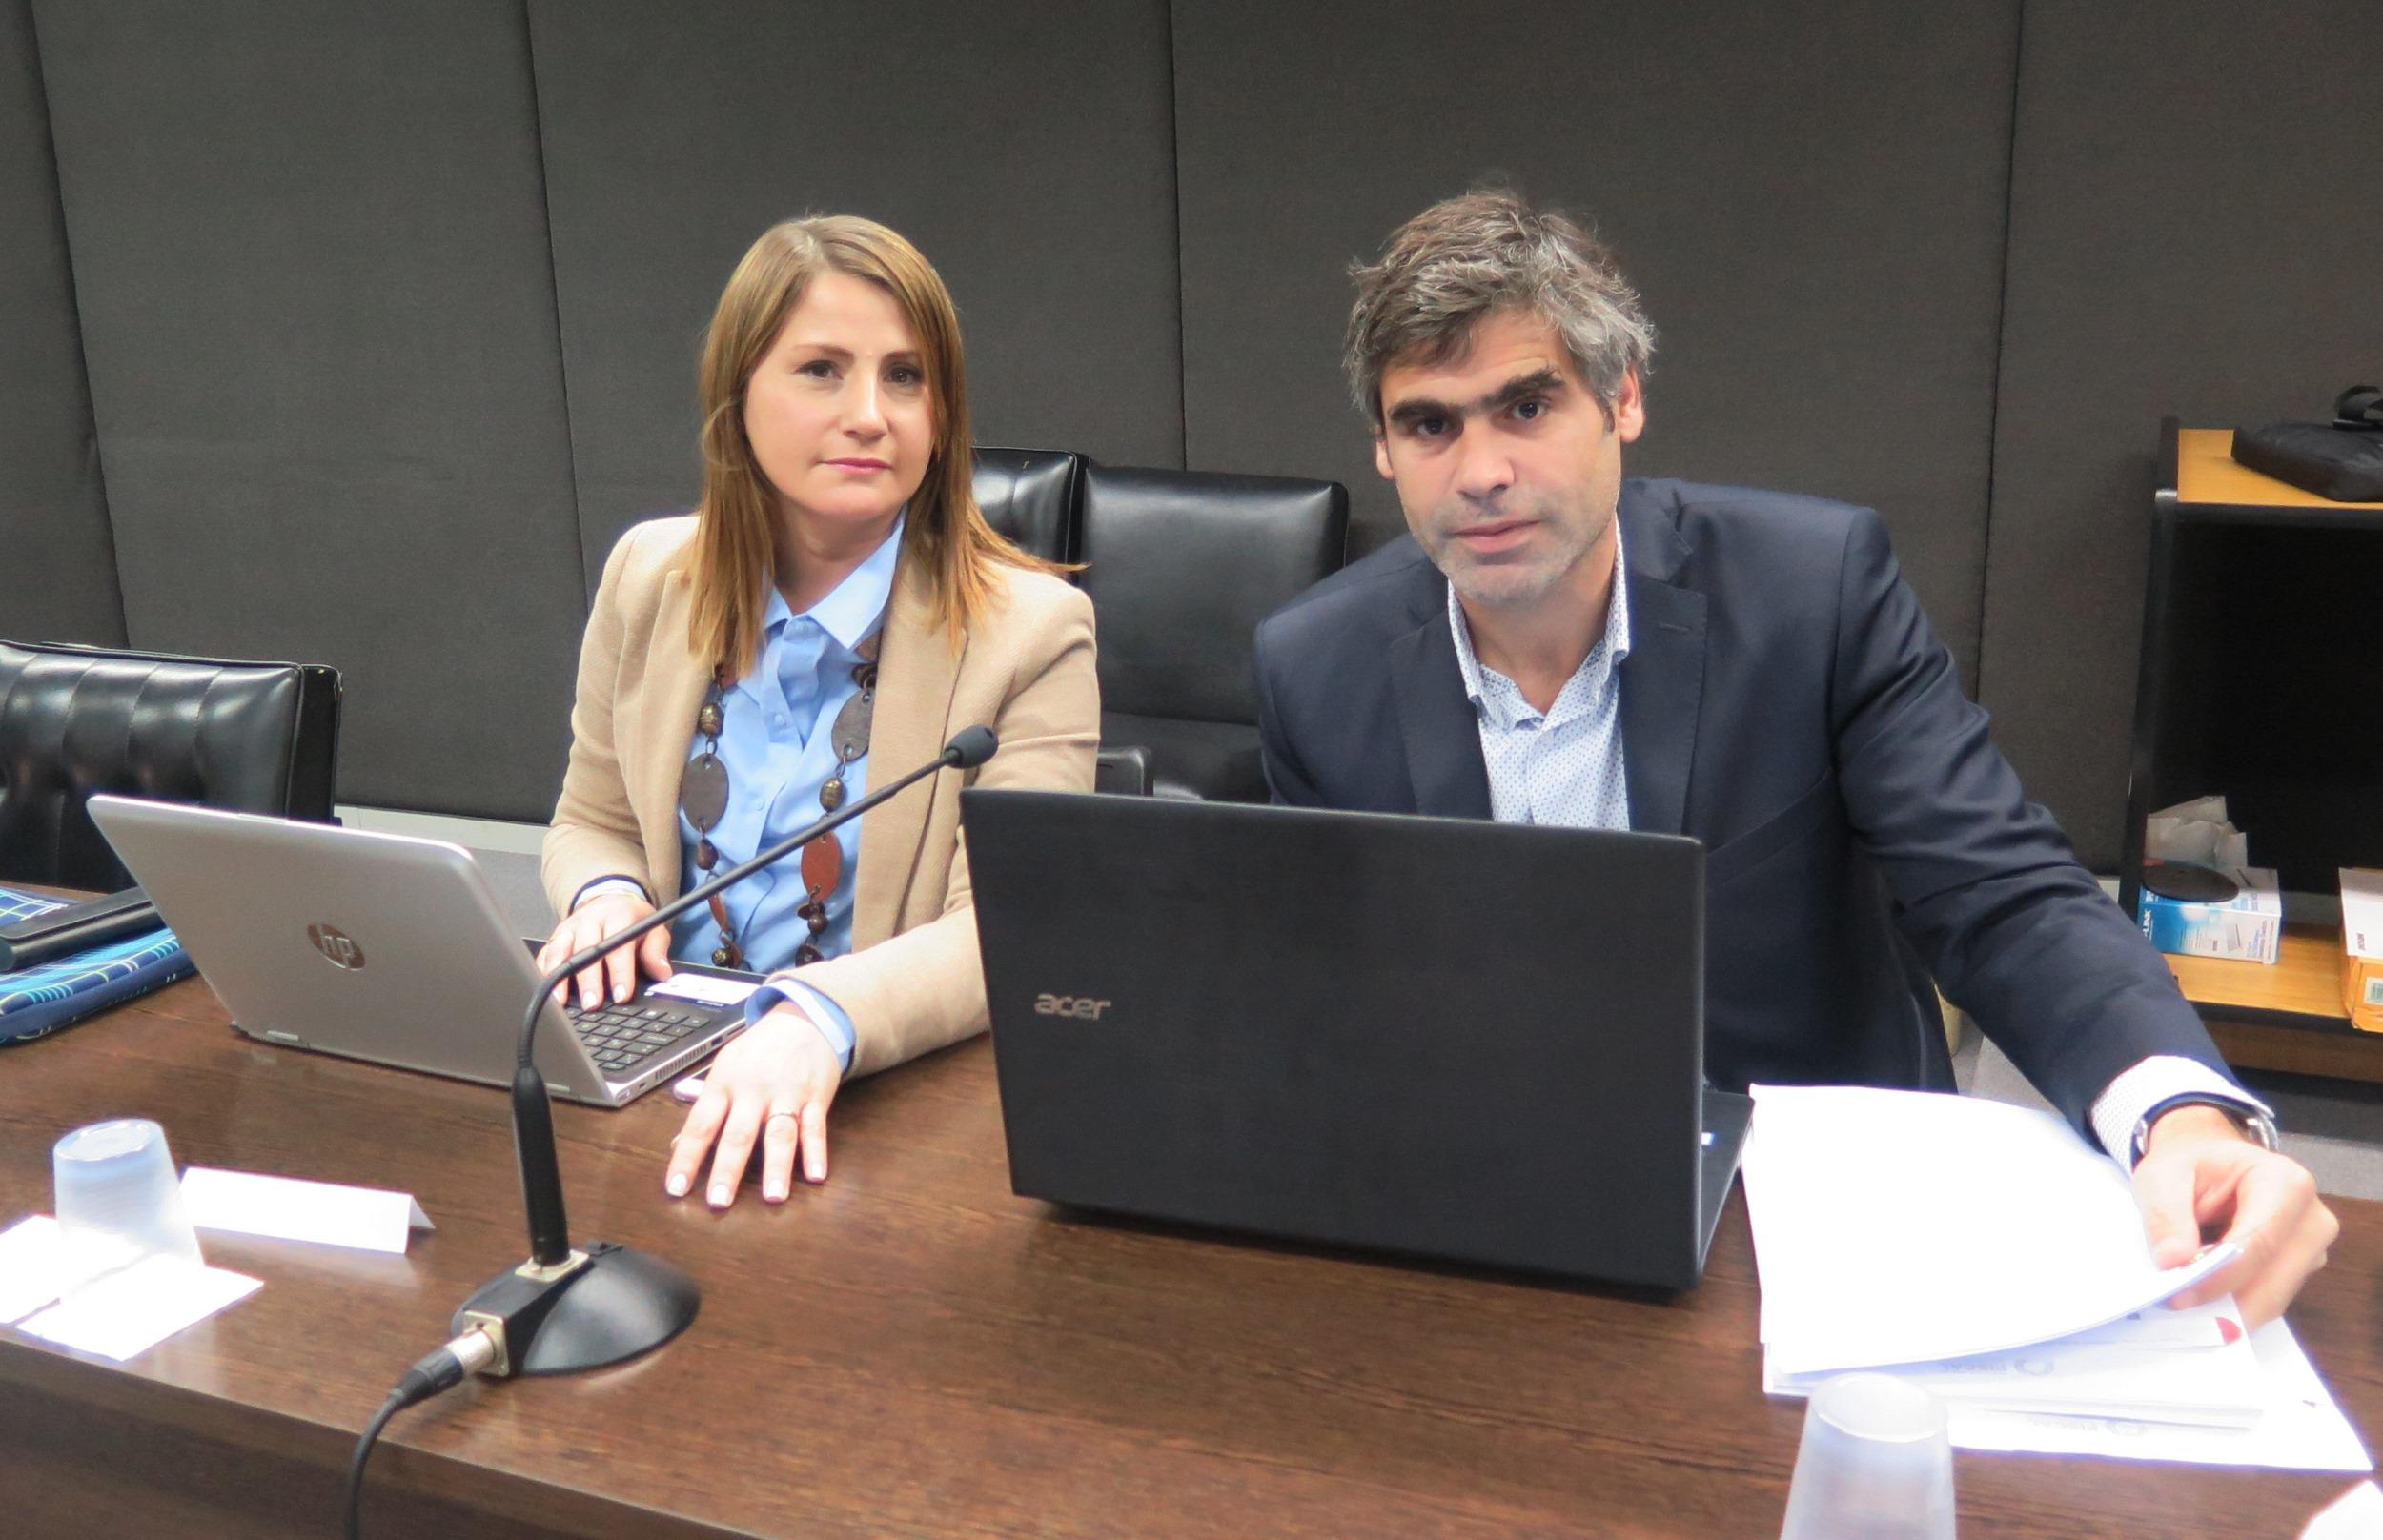 Los fiscales María Ángeles Ramos y Juan Manuel Portela. - Foto: Belén Cano / Fiscalía General de Mar del Plata